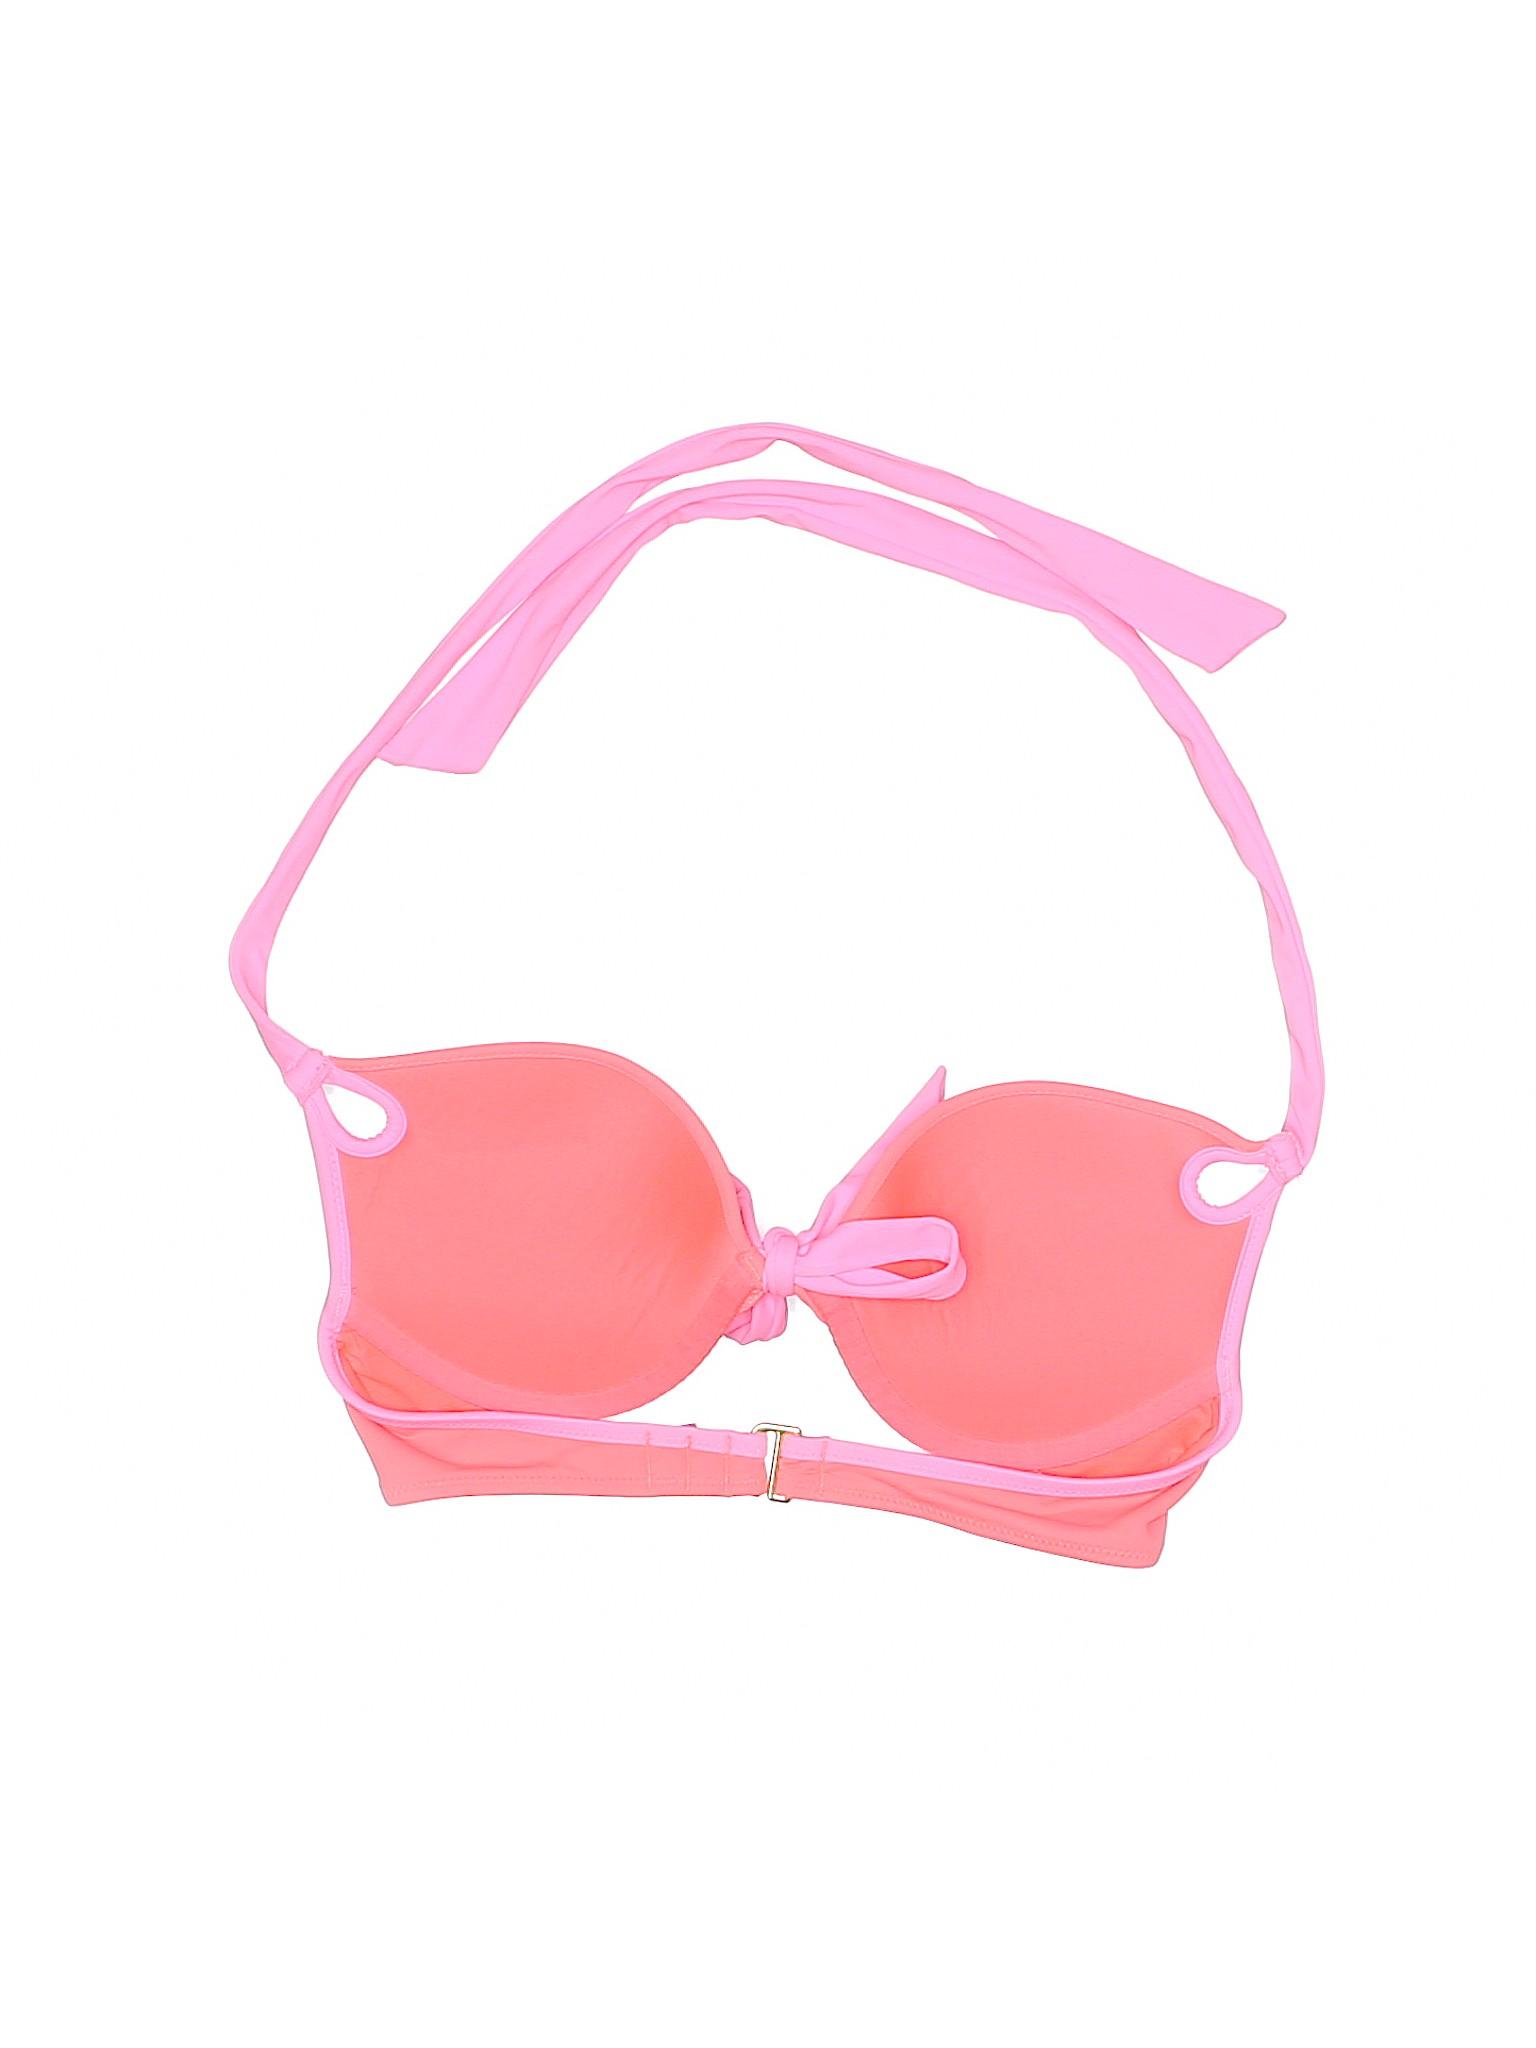 Boutique Top Secret Top Secret Boutique Swimsuit Victoria's Victoria's Swimsuit Boutique 1qqrFwZt